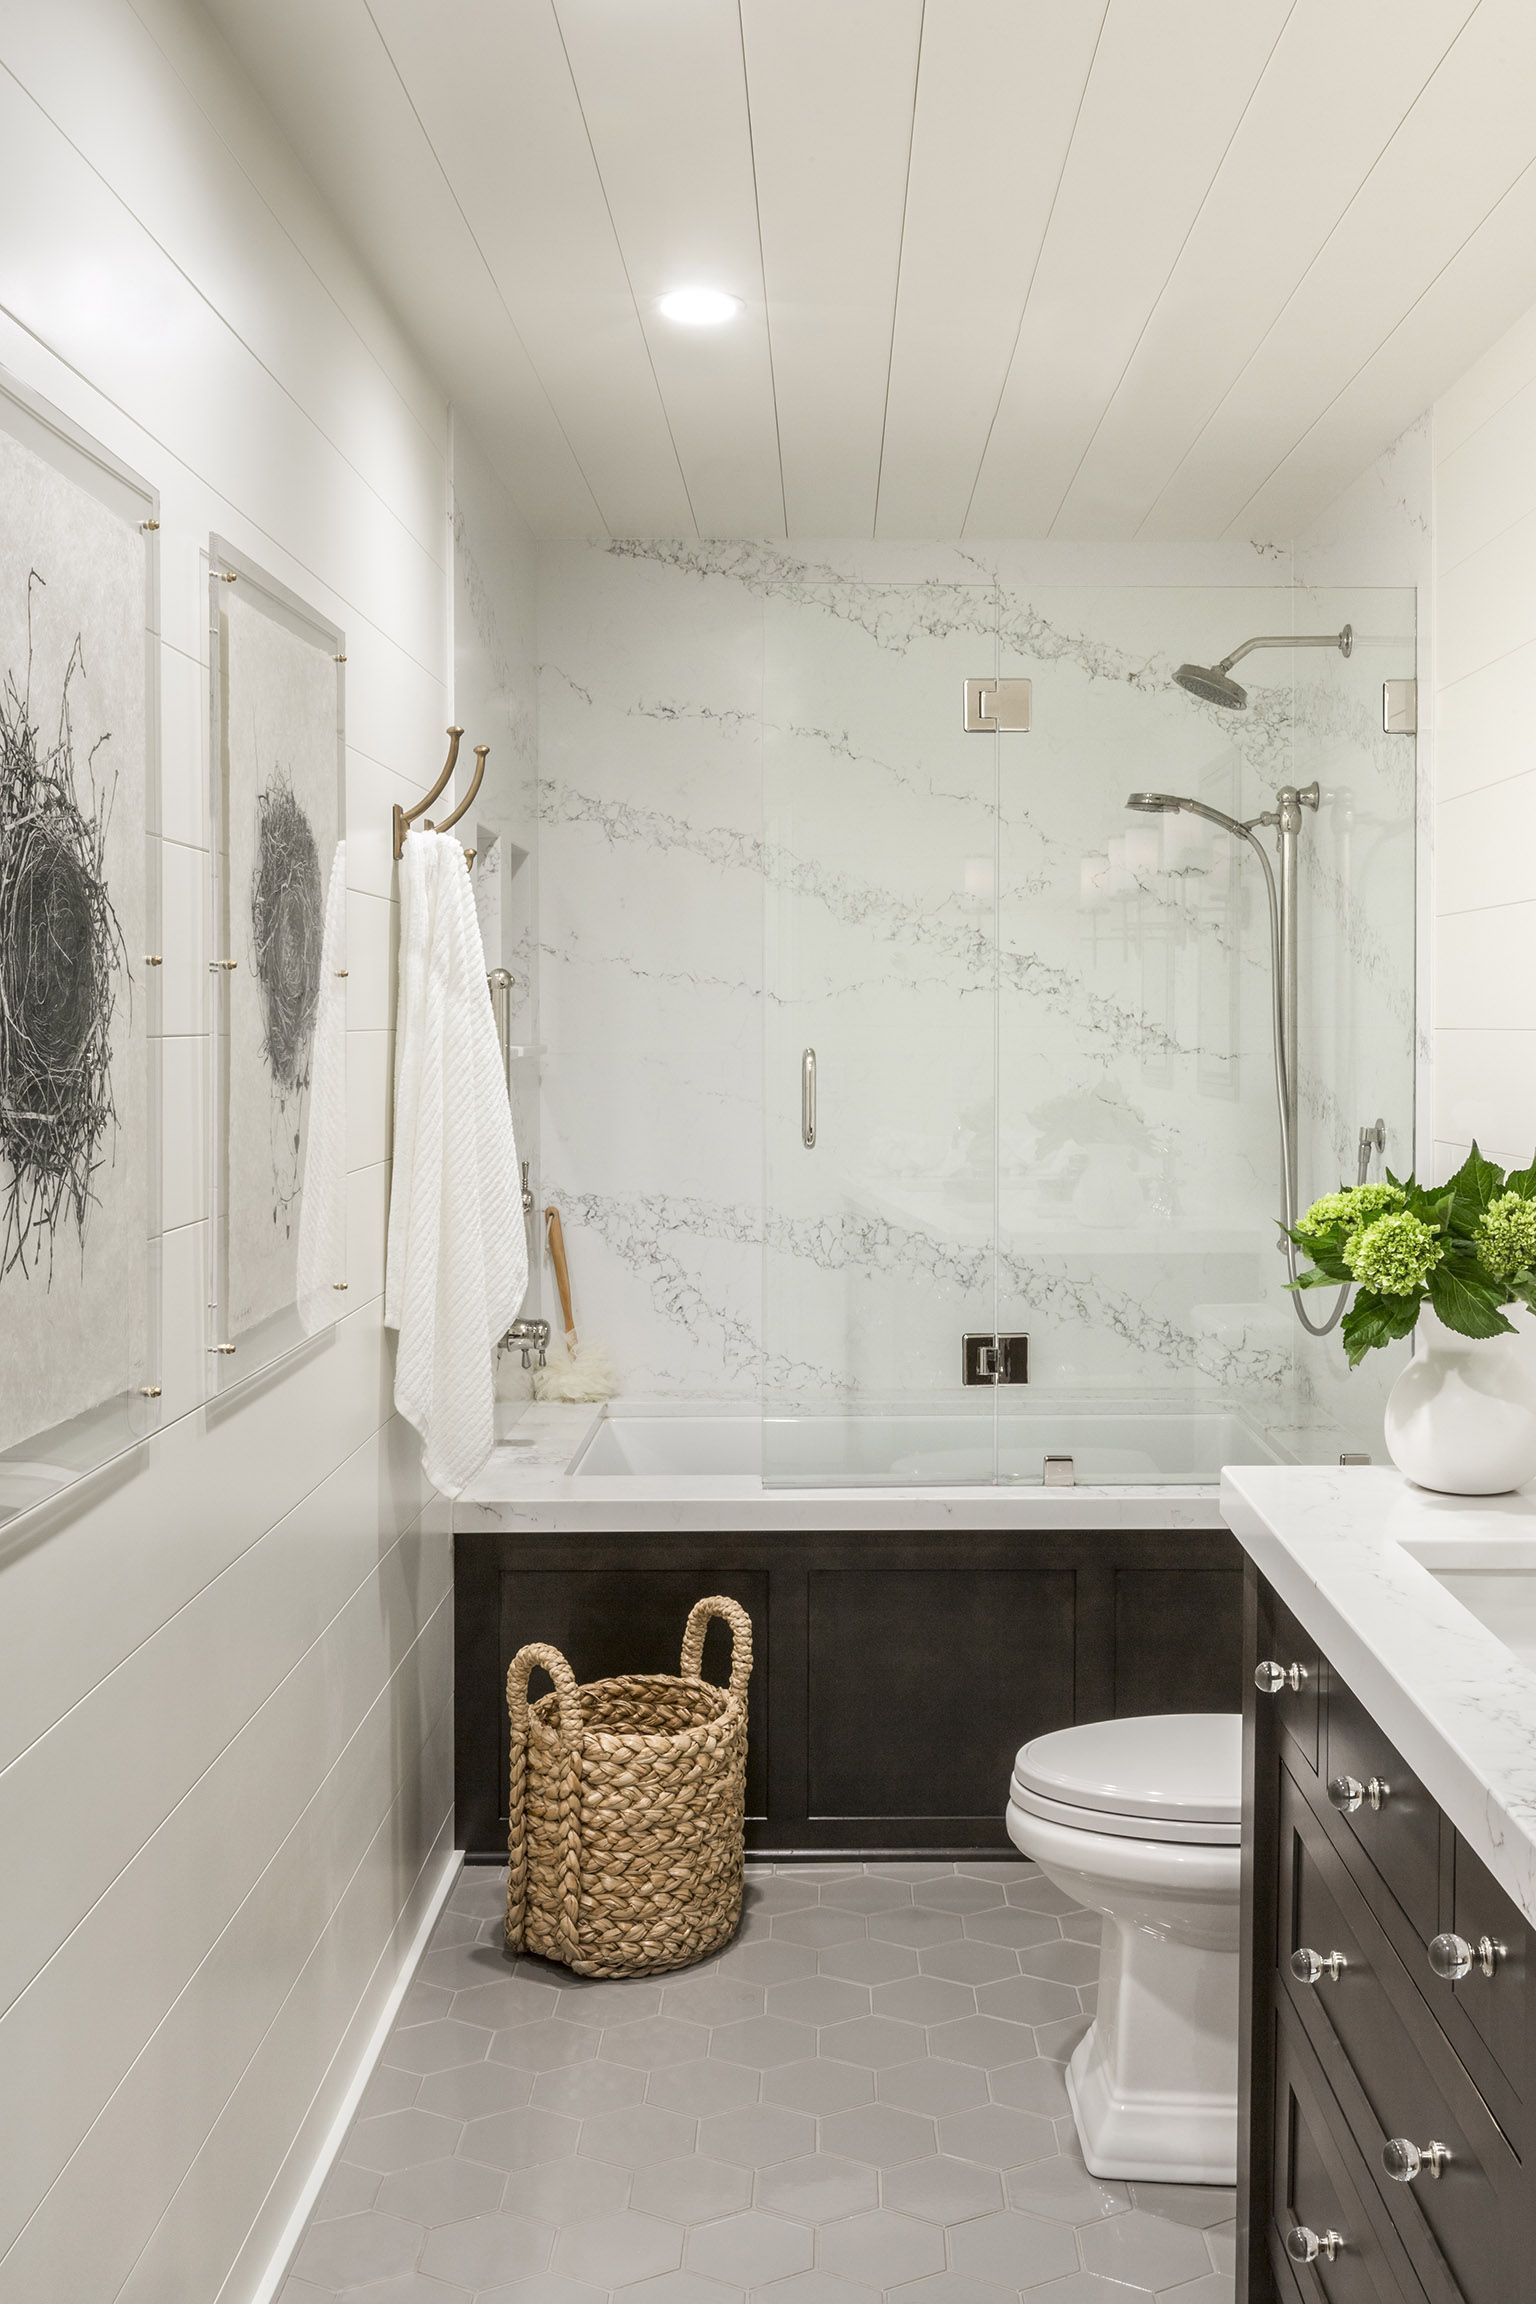 More ideas below: #BathroomIdeas BathroomRemodel #Bathroom #Remodel ...